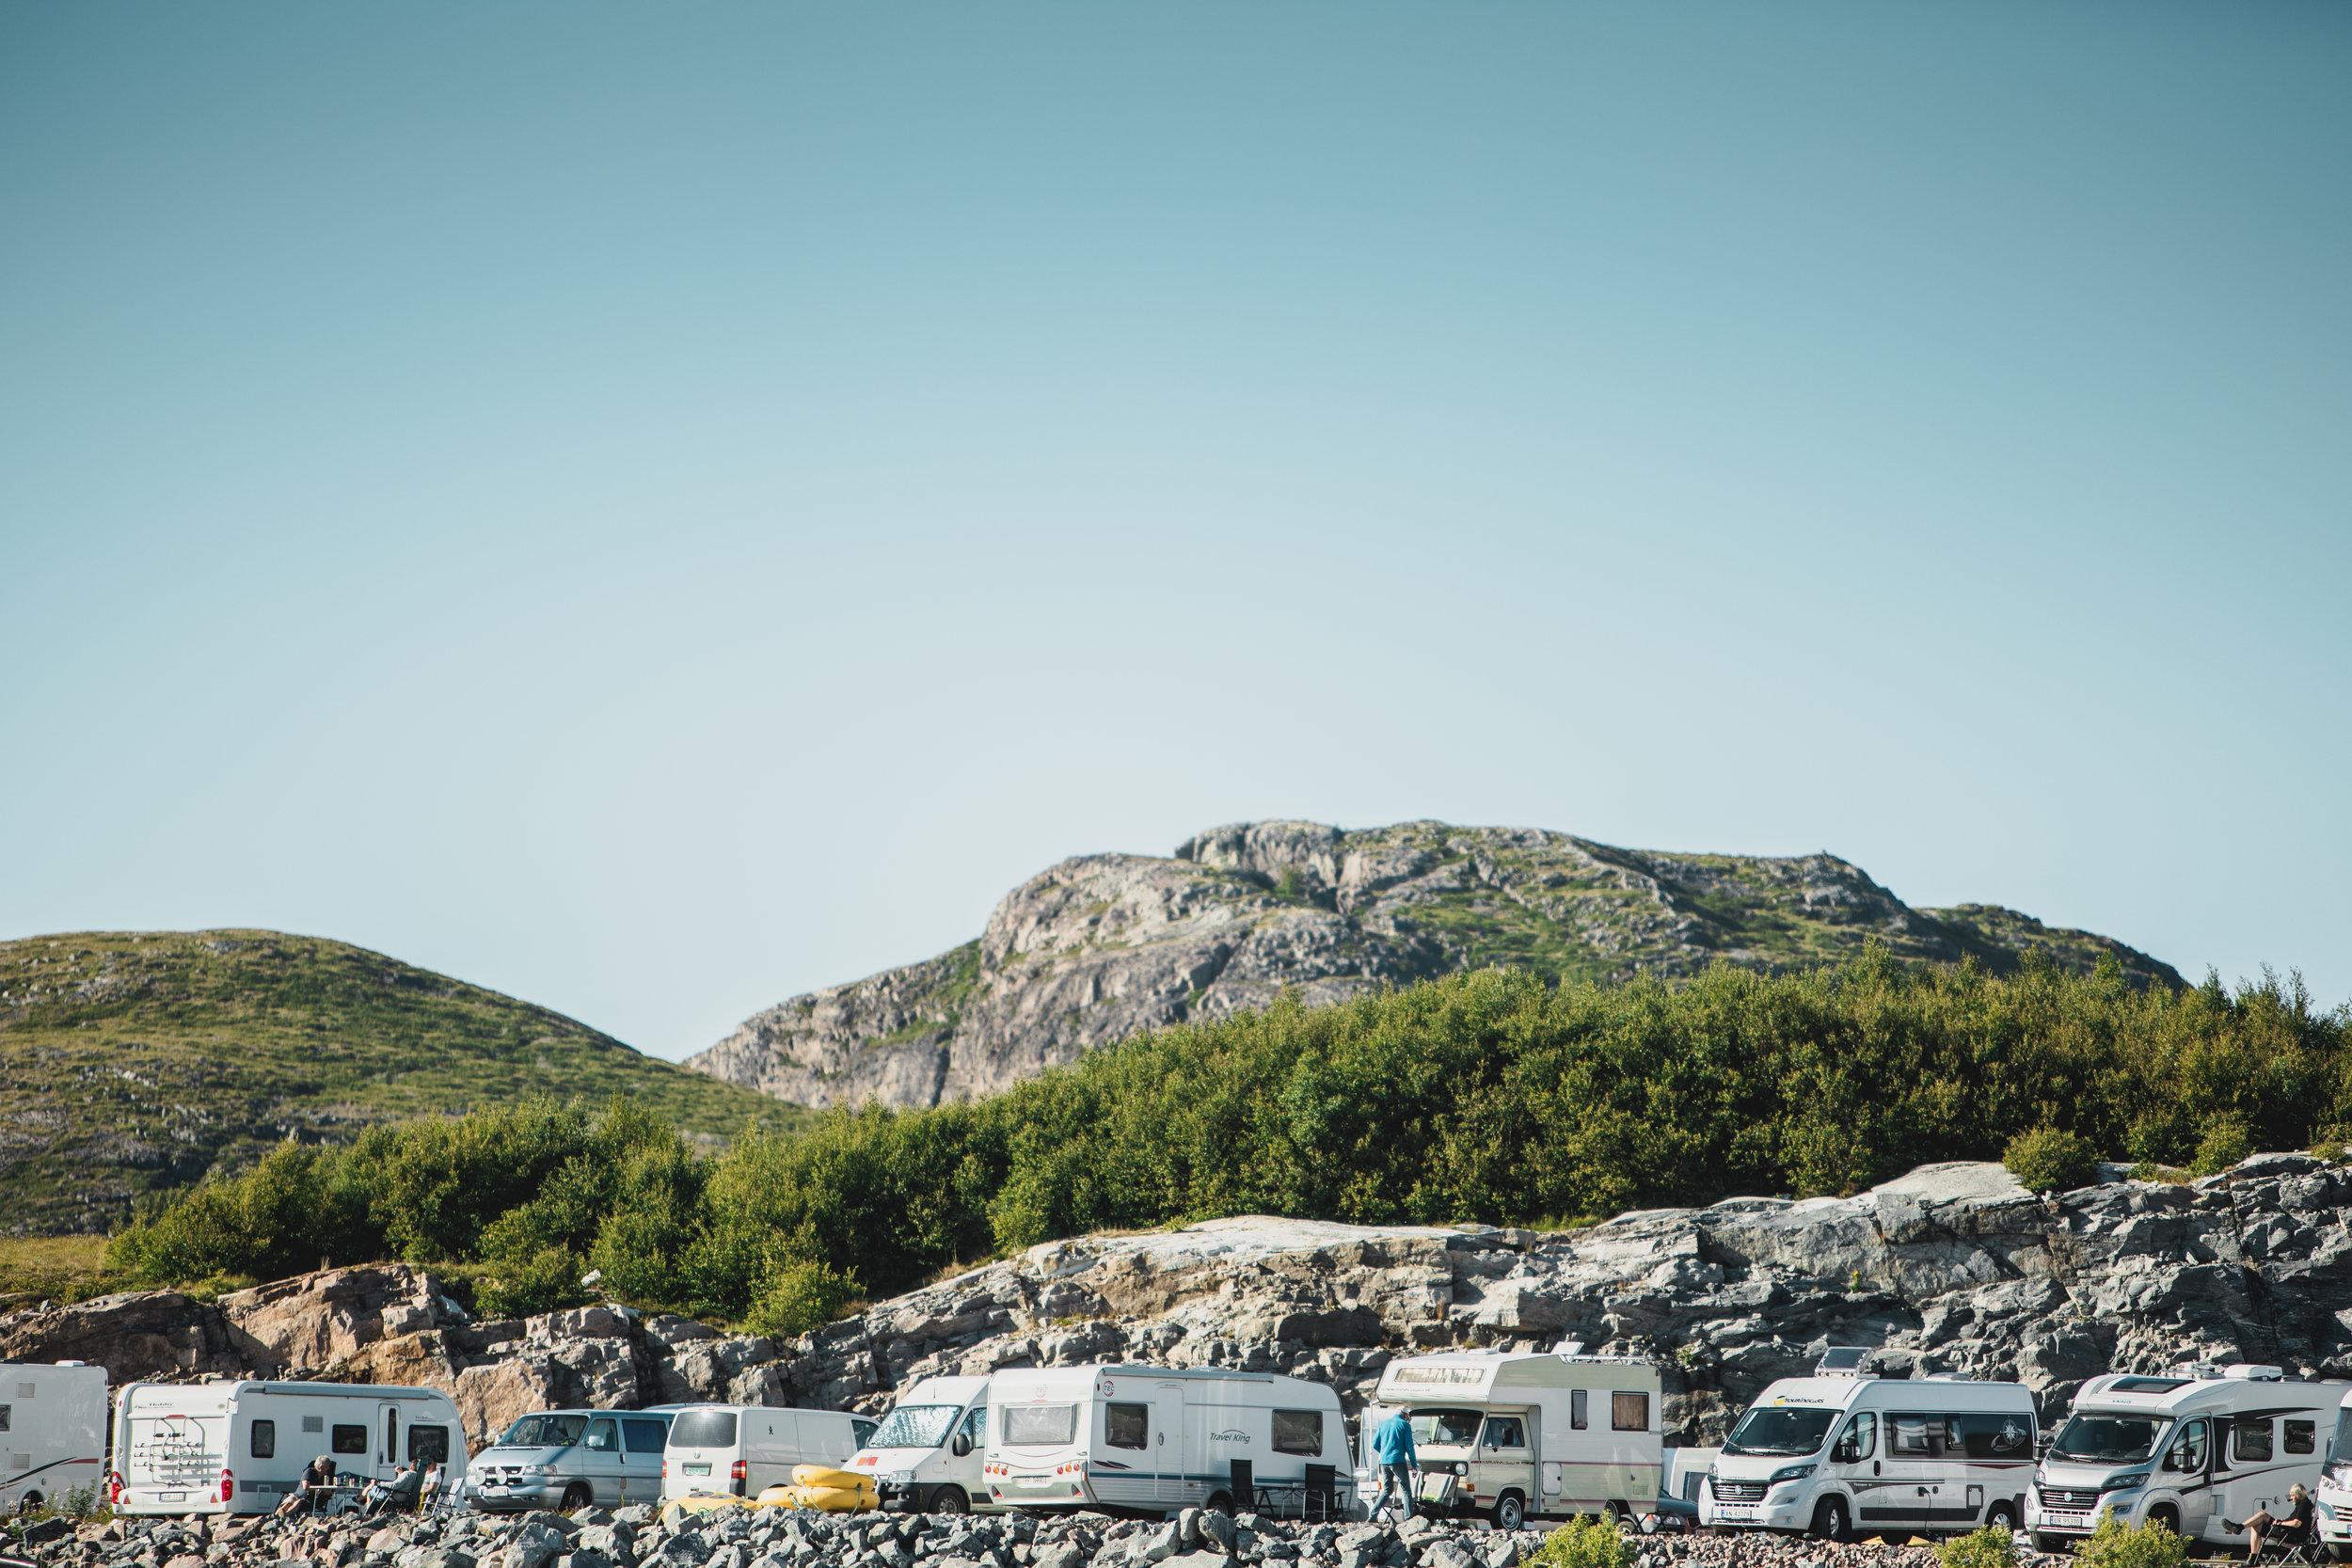 FÅ PLASSER: Bobil/Caravan Camp på Stokkøy Marina - Vårt tilbud til deg som ønsker å bo i egen bobil eller campingvogn når du skal på Stokkøya Festival. Kun 300 meter unna festivalområdet i tilknytning til Stokkøy Marina med utsikt både ut mot havet, Linesøya og festivalområdet.Det vil bli satt opp ekstra toaletter. Dusjanlegg og mulighet for tømming av septik på Stokkøy Marina. Strøm (10A) legges ut på bobilcamp.I sommer ble bobilplassene ble utsolgt lenge før festivalen, så her må du være tidlig ute.Nytt for 2019:- Bobilcamp åpner allerede torsdag ettermiddag!- Det blir salg av kioskvarer og fersk brød fra Stokkøy Bakeri i billett-teltet ved Marina.- Det vil bli satt opp et serveringstilbud på dagtid i nærhet av Marina.Priser: Pris per bobil/caravan, torsdag - søndag: 950 krAvstander:700 m til Strandbaren - 300 m til stranda - 300 m til festivalområdeBESTILL HER